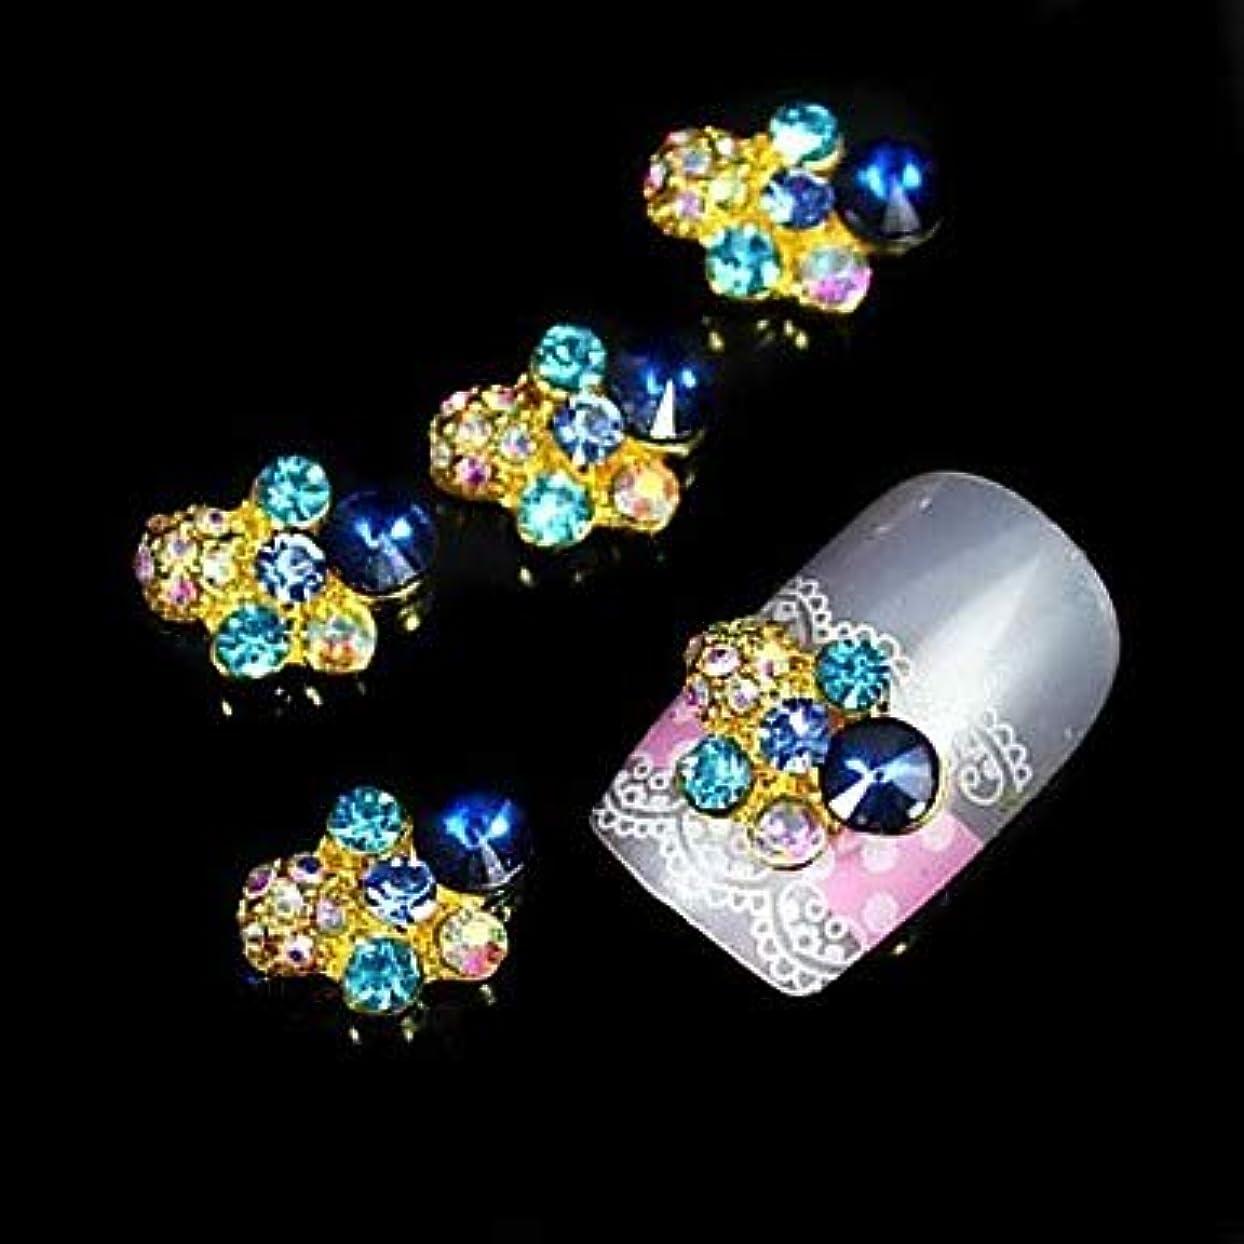 命令どちらも絶滅指のつま先のための金属のネイルジュエリー他の素敵なネイルアートマニキュアペディキュアフルーツの花抽象毎日漫画パンク